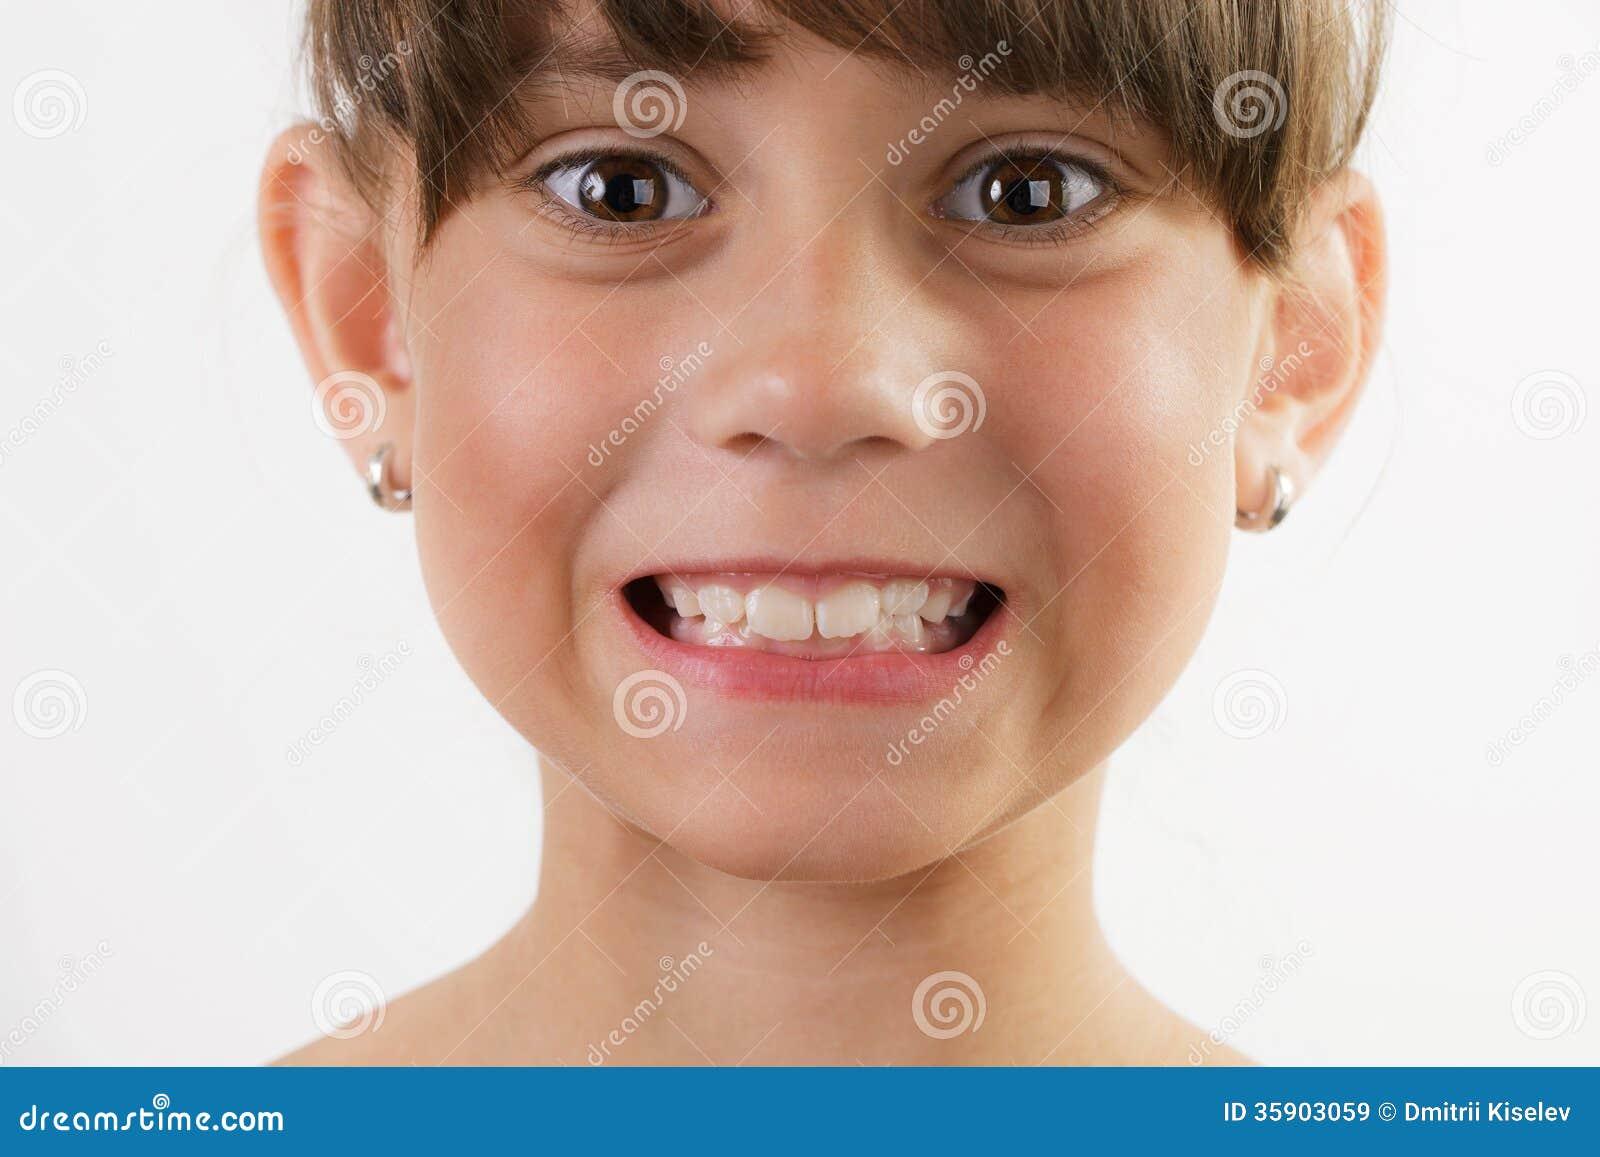 Когда женщина показывает зубы